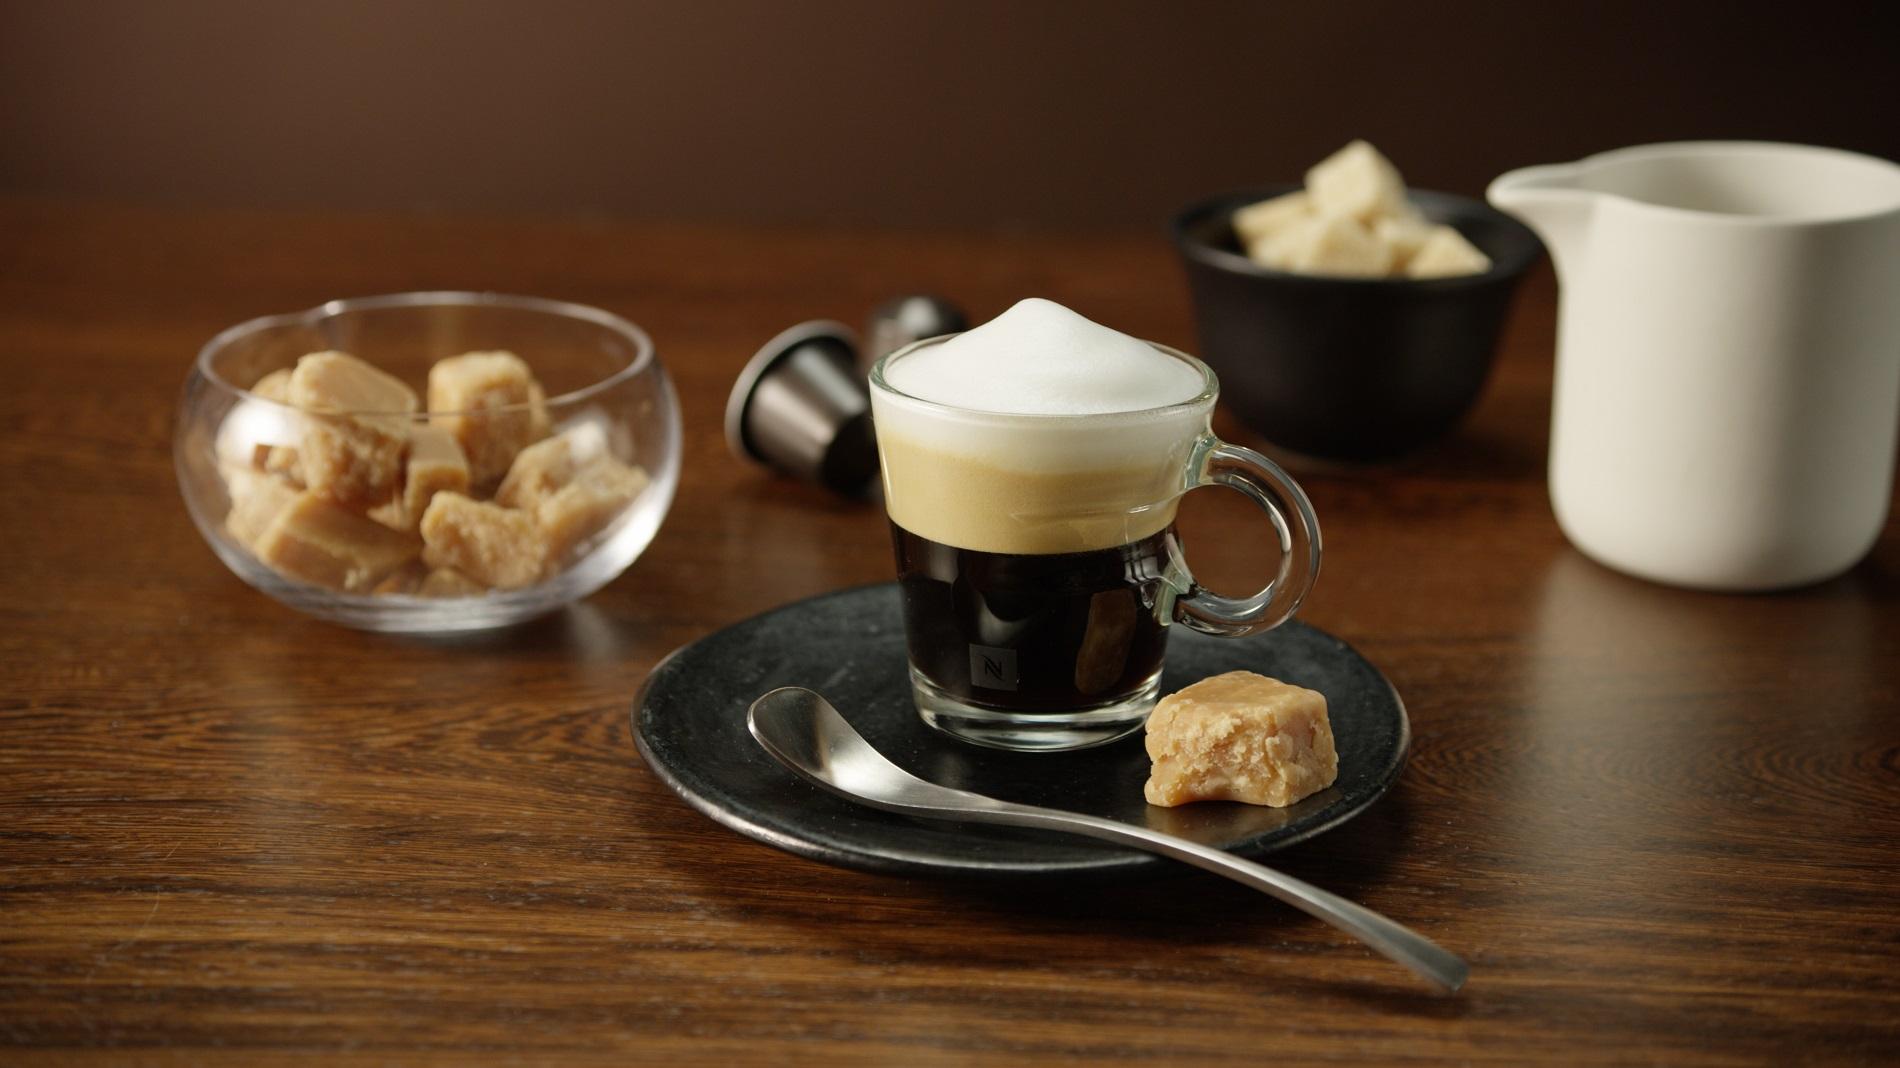 انواع قهوهها و طرز تهیه معروفترین نوشیدنیهای آن